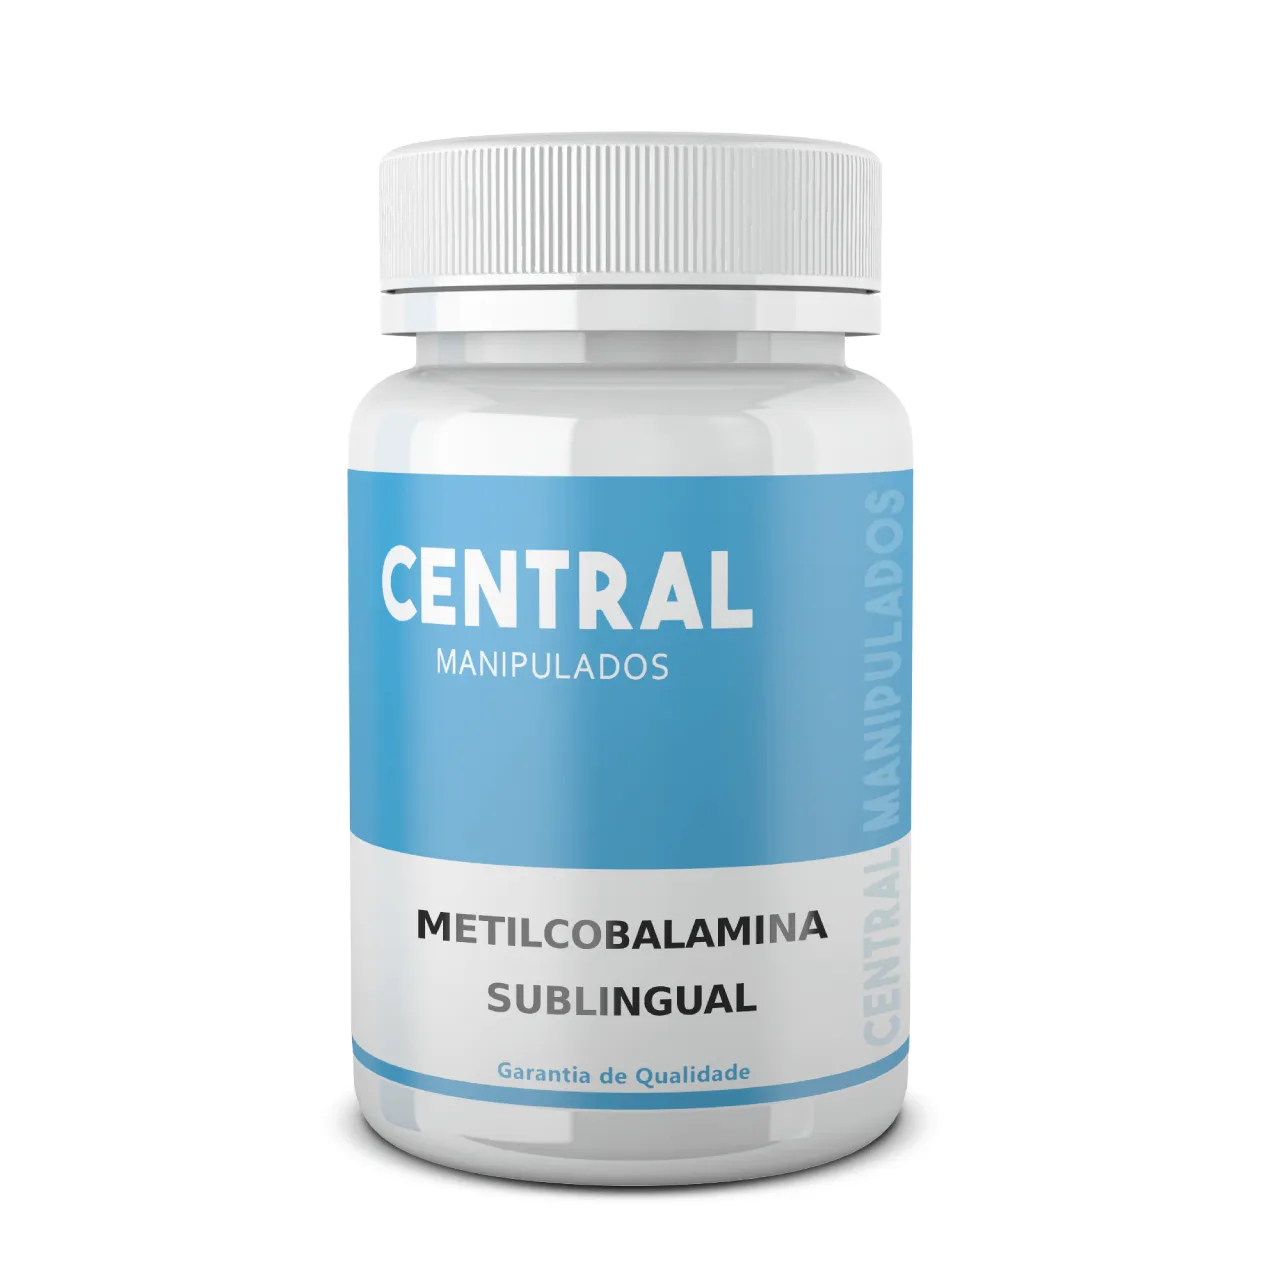 Metilcobalamina 5MG - 120 cápsulas - Vitamina B12 - Sublingual (Tapiocaps)